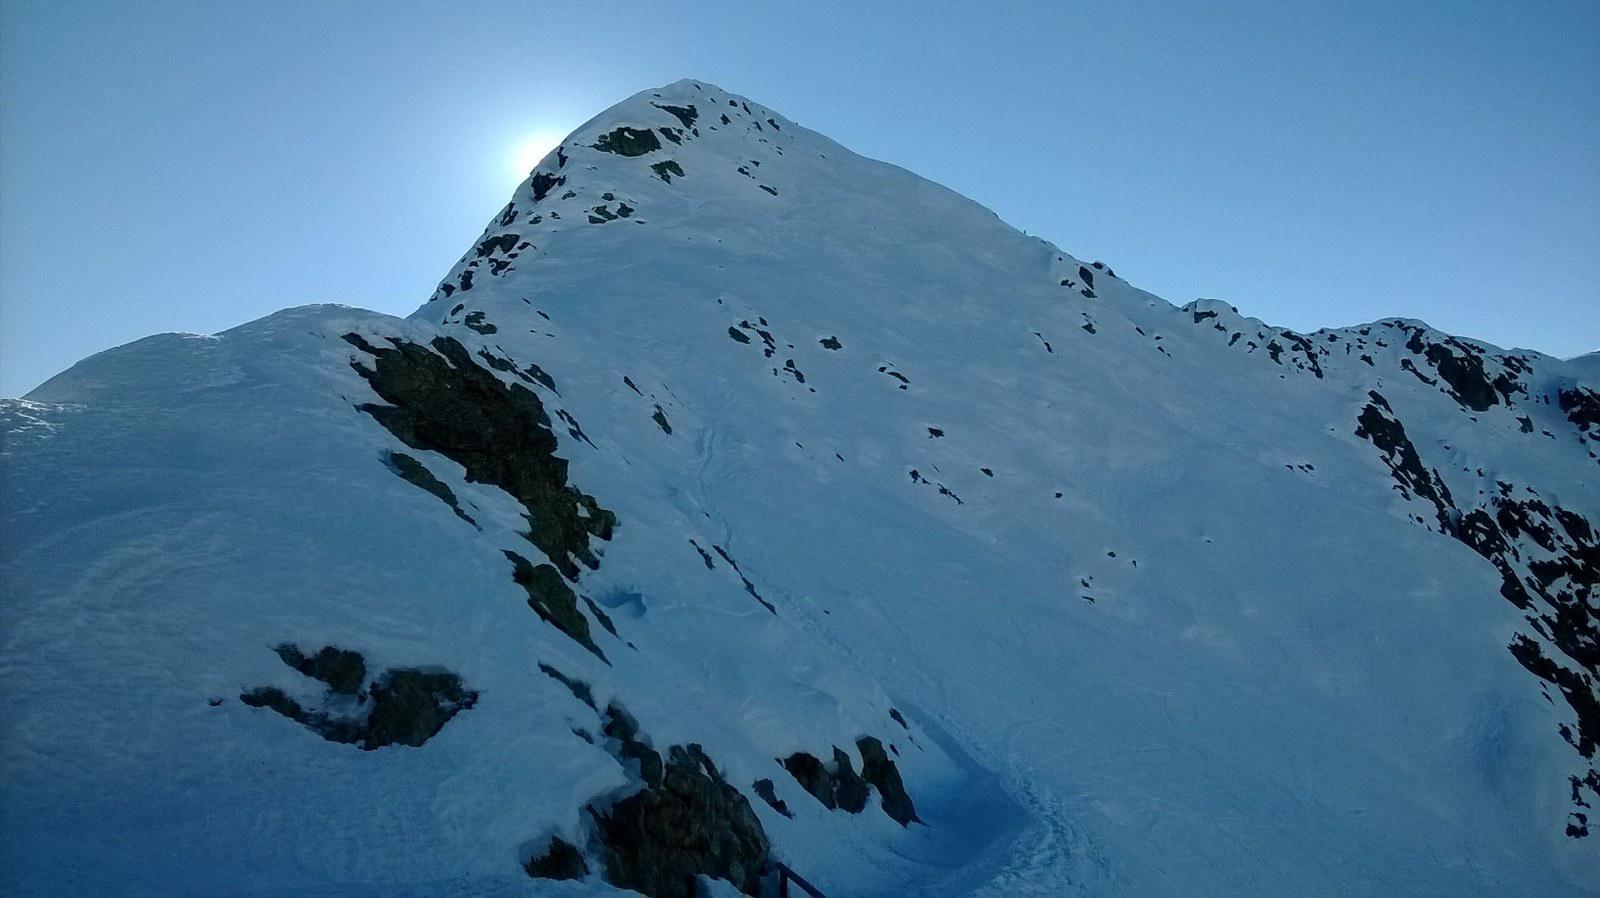 La cresta vista dall'antecima